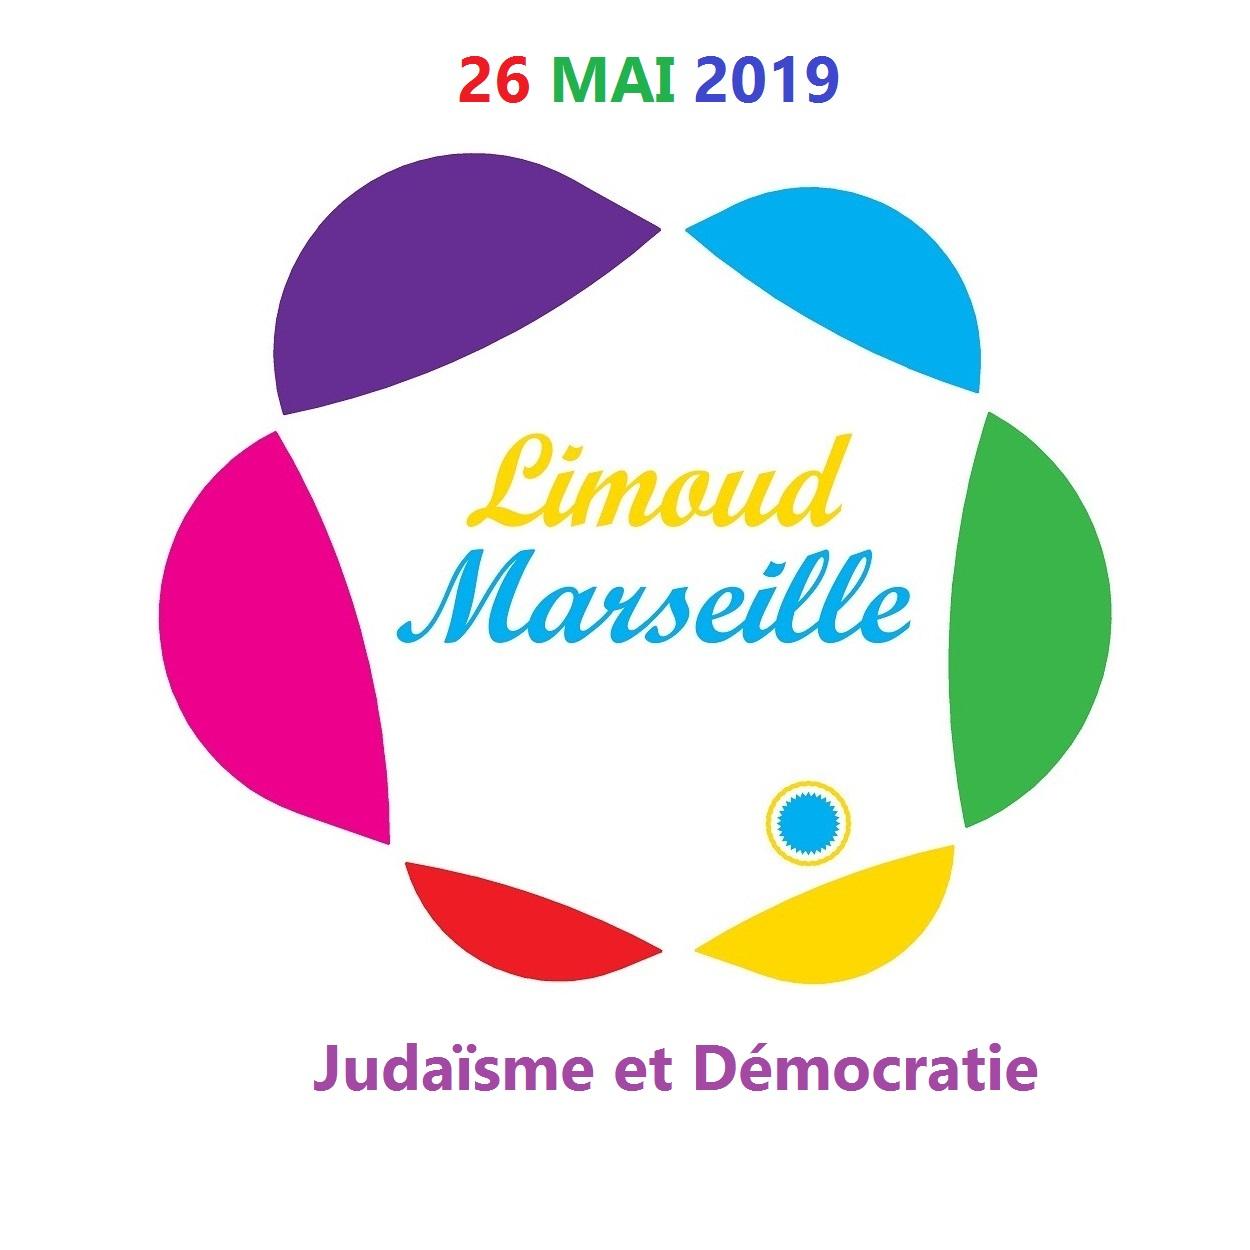 Limoud Marseille 2019 - Judaïsme et Démocratie